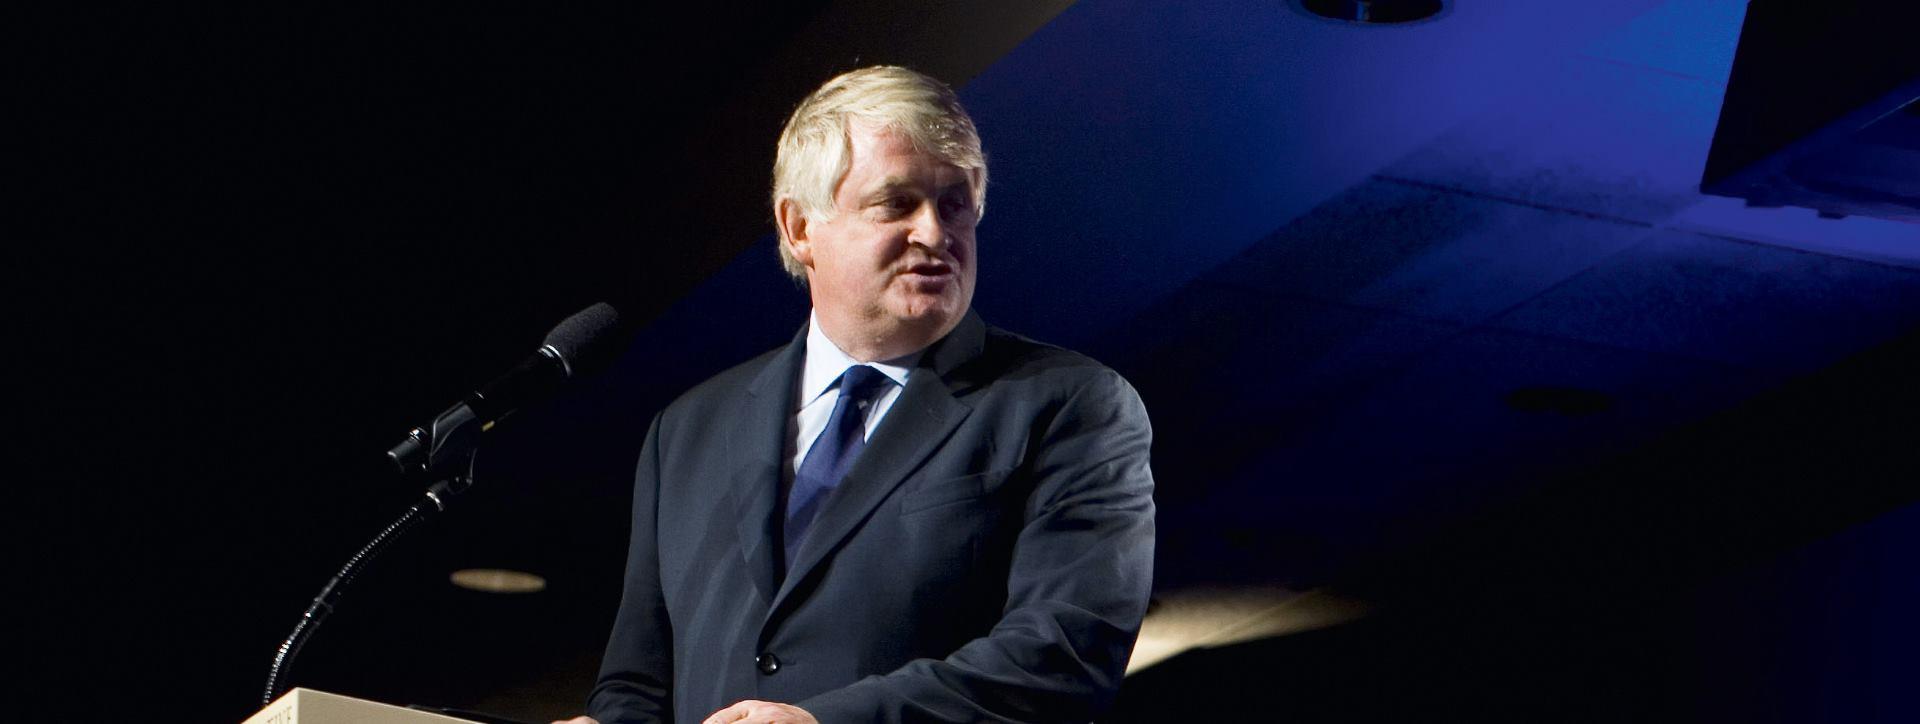 Irska vlada u strahu od moćnog milijardera